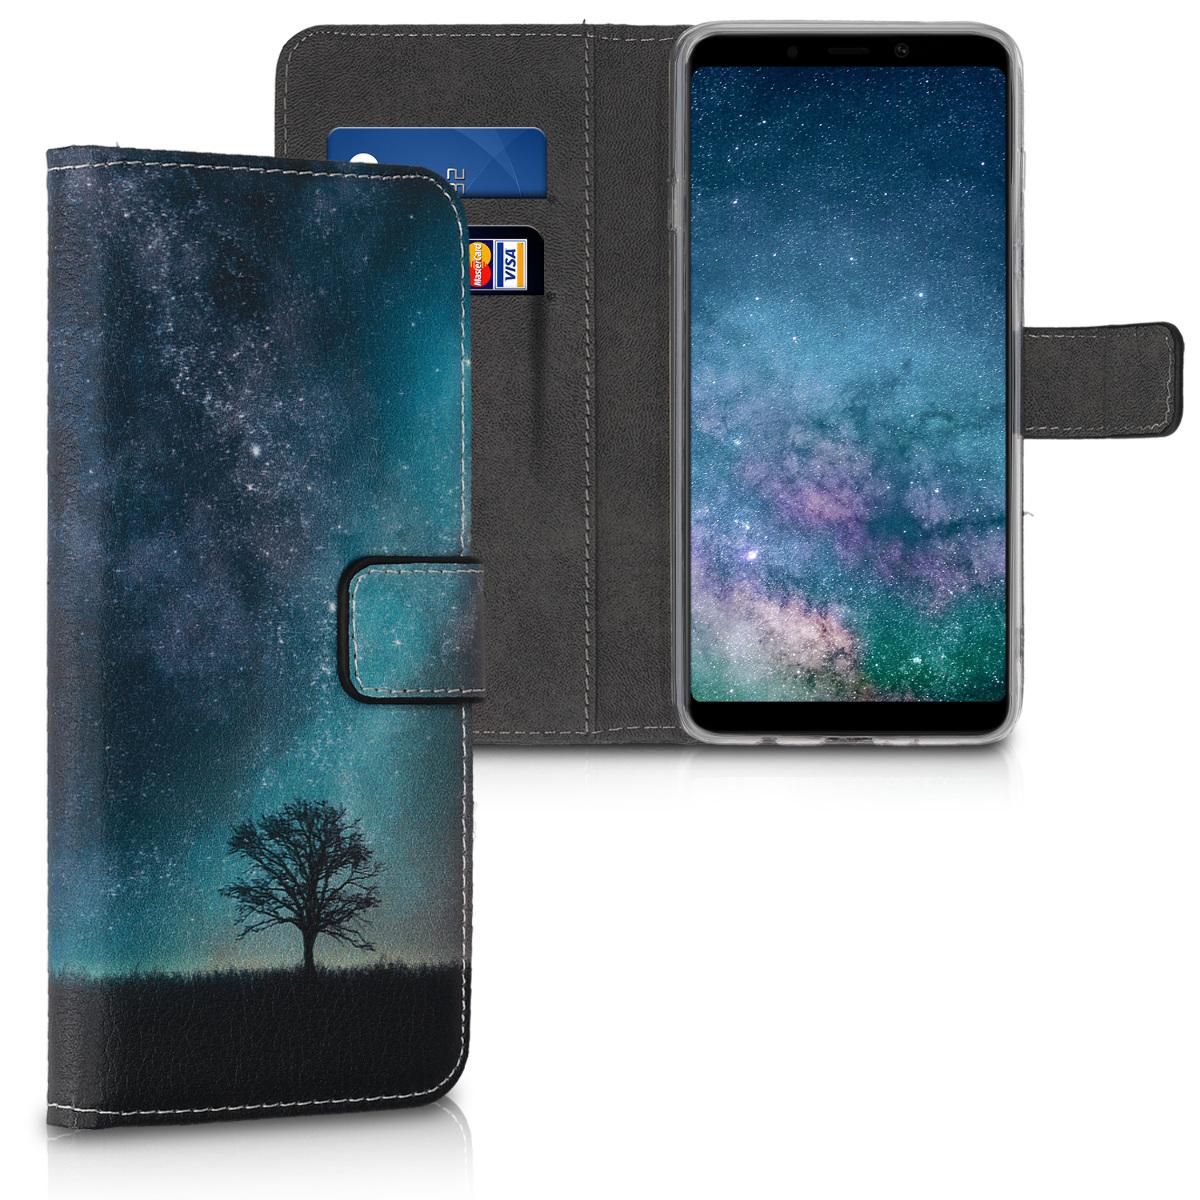 KW Θήκη Πορτοφόλι Samsung Galaxy A9 (2018) - Blue / Grey / Black (46586.02)